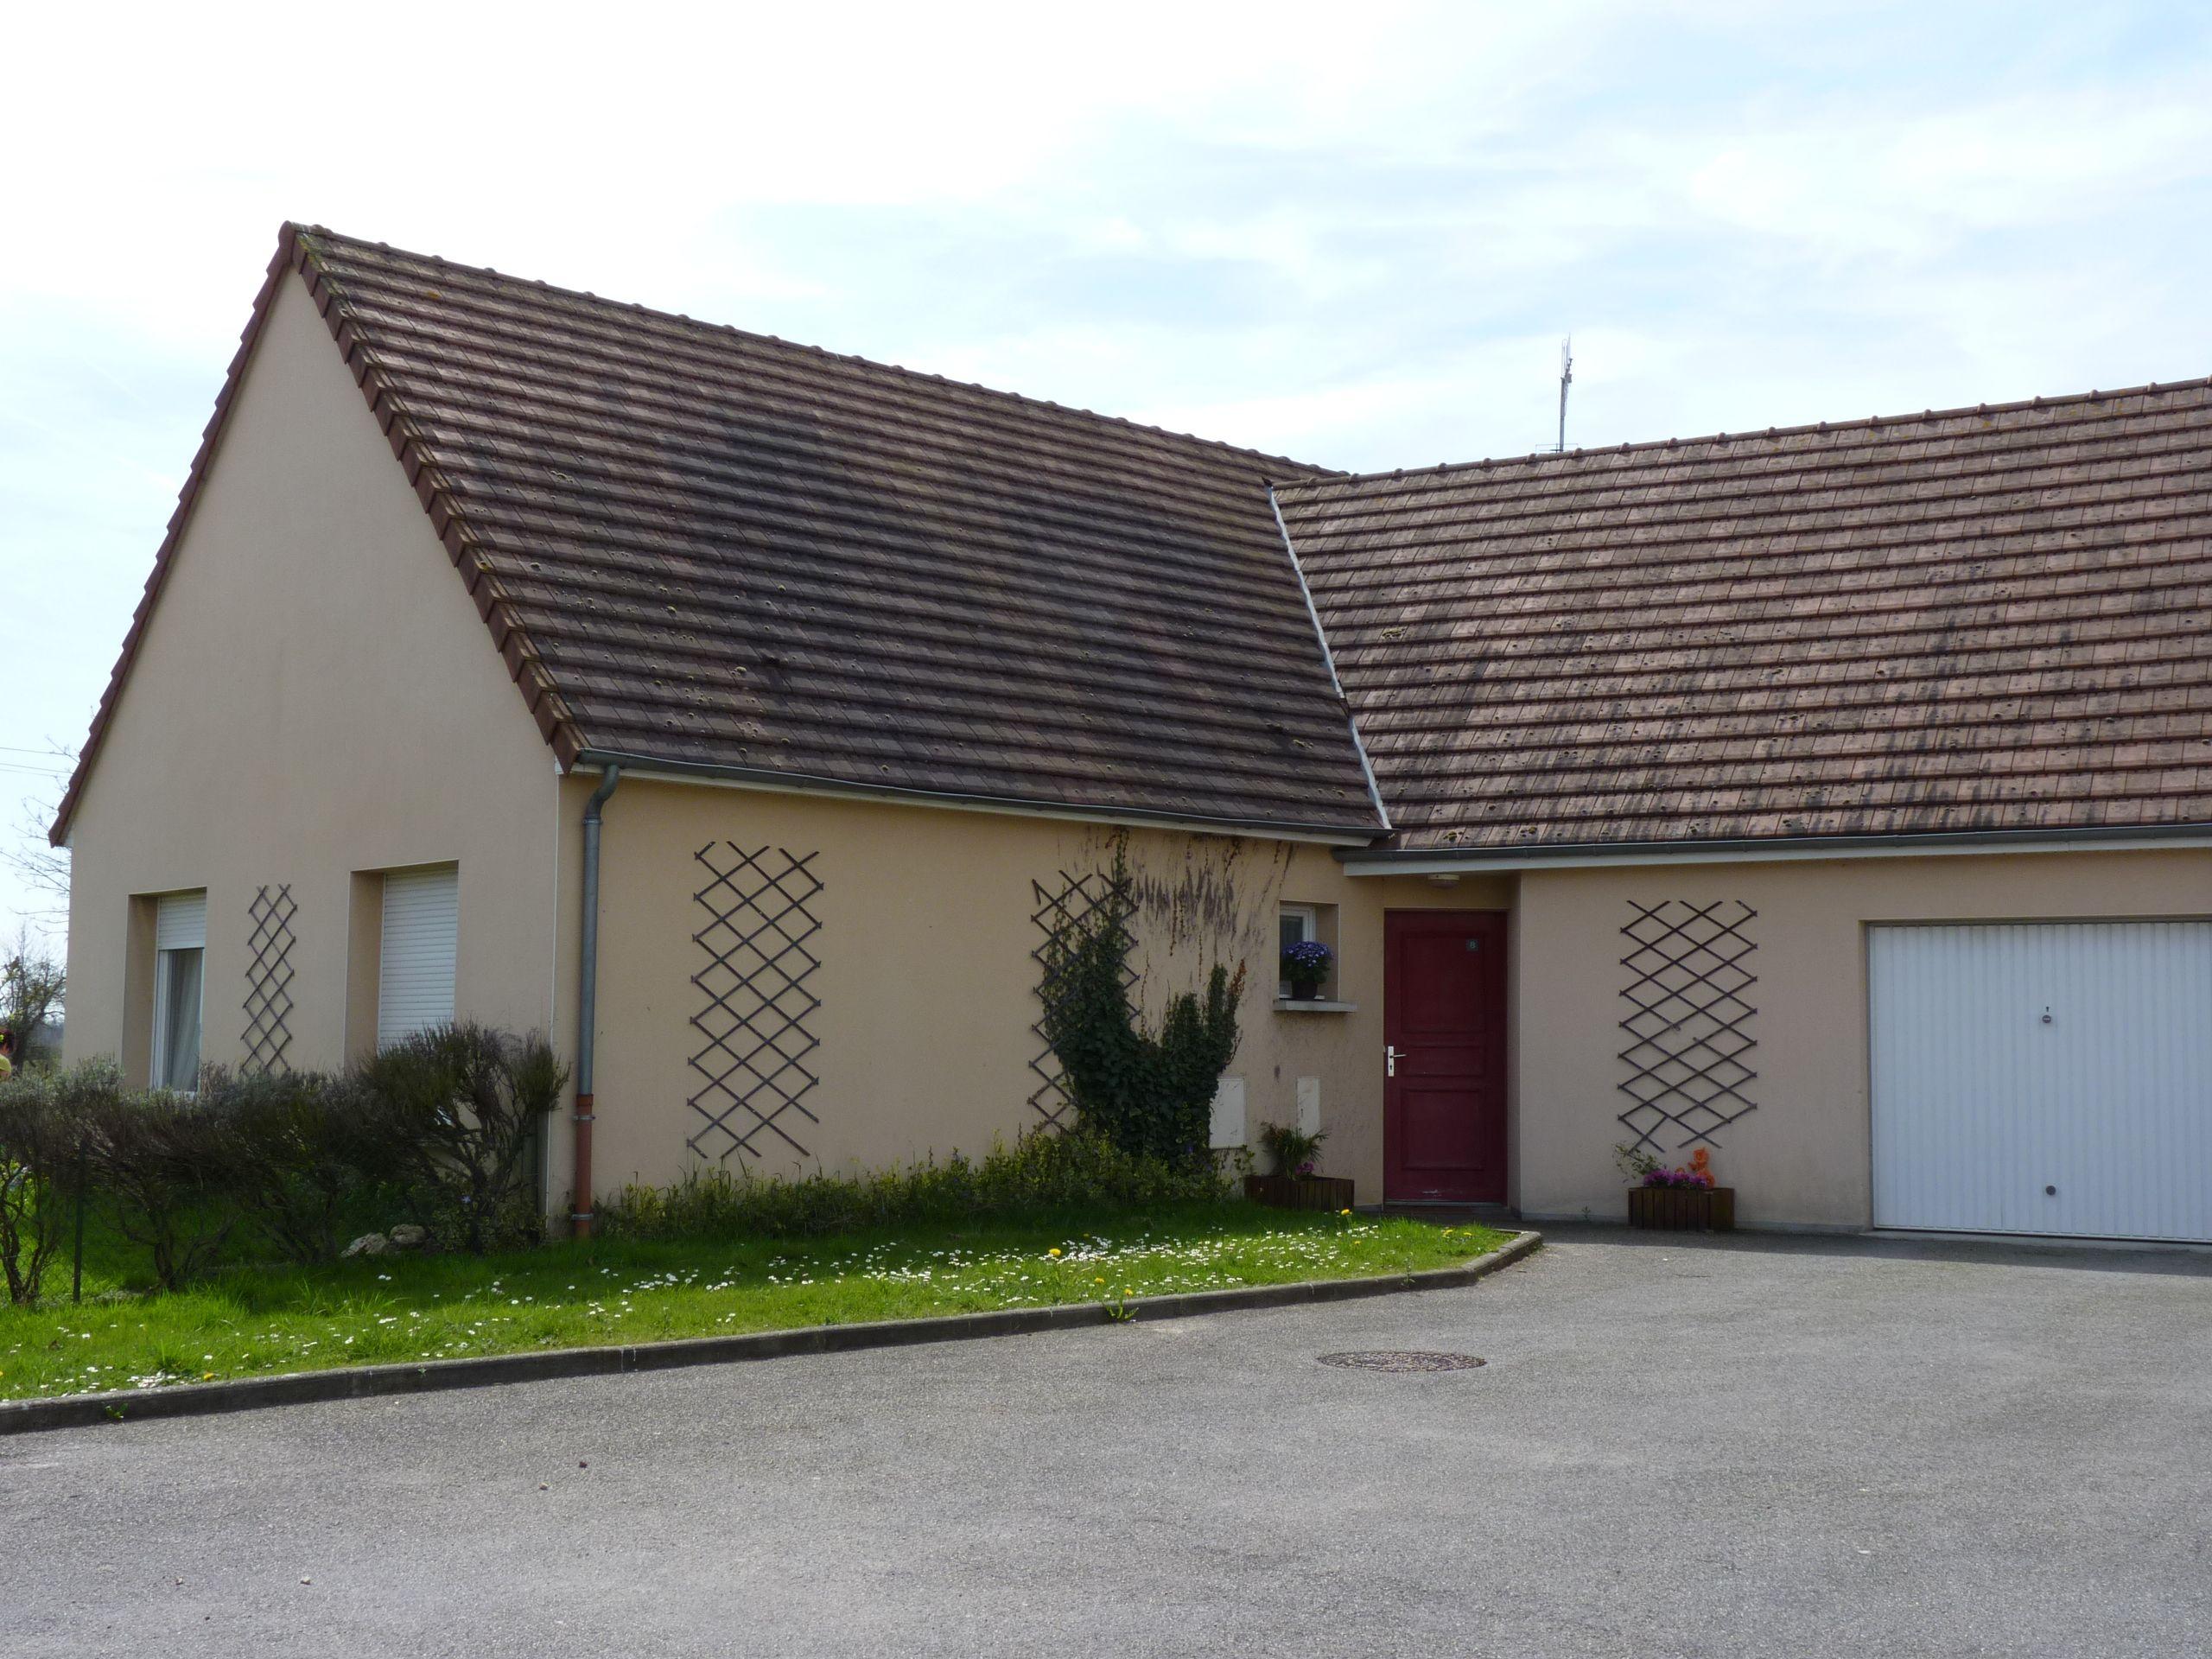 Logement le theil sur huisne locataion maison t4 83 for Entretien exterieur locataire